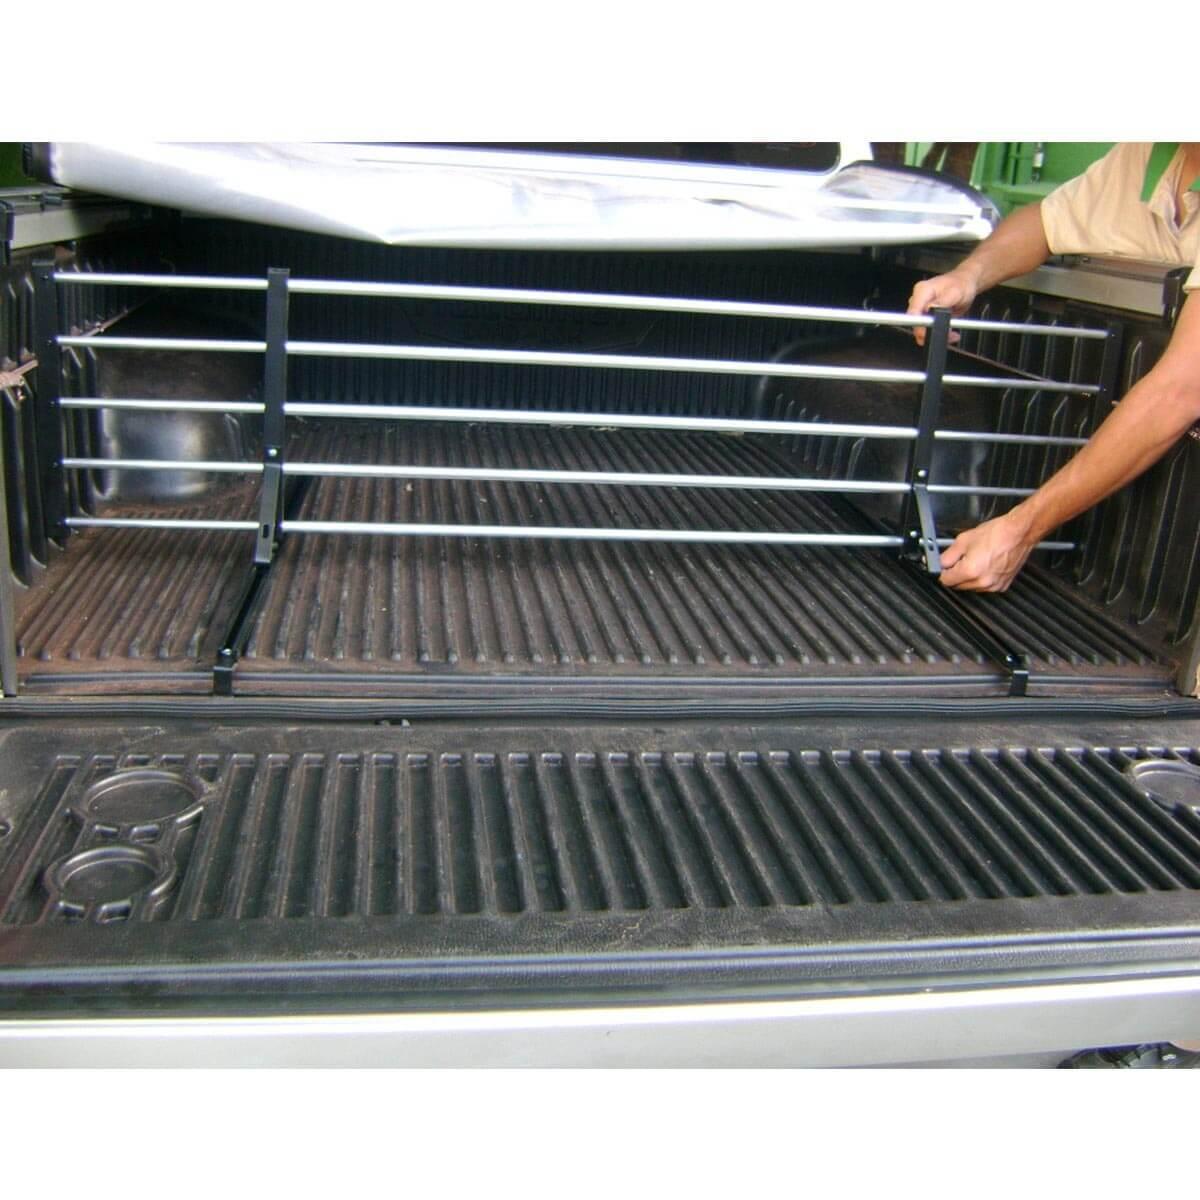 Divisor separador de cargas caçamba L200 GL 1999 a 2005 ou L200 GLS 1999 a 2007